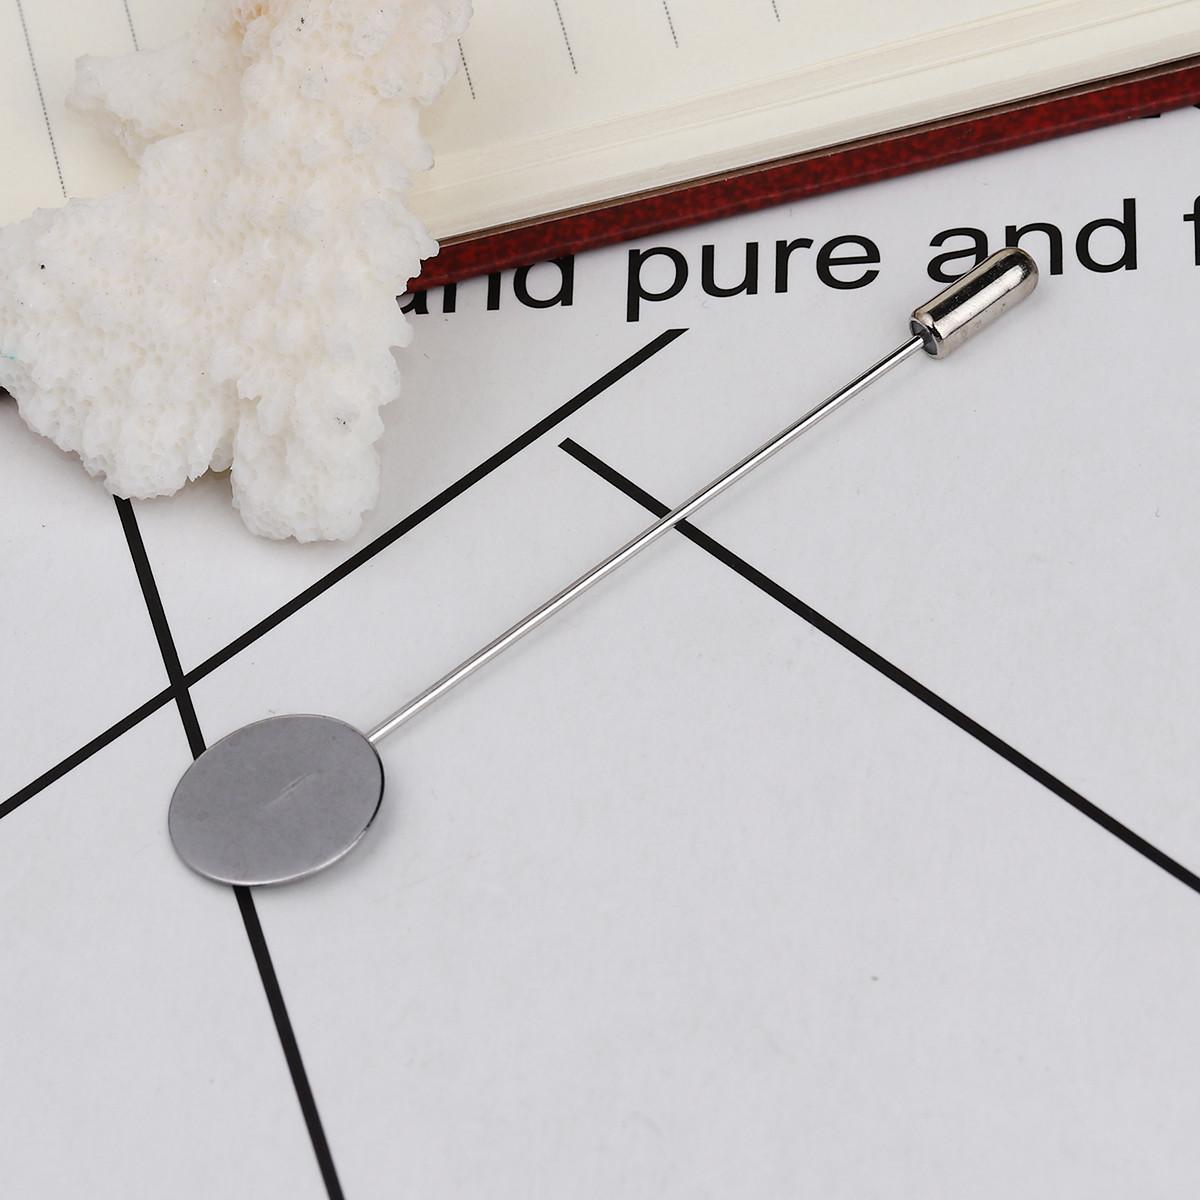 Основы для Броши, Пина, 77 мм х 15 мм, Серебряный тон, Основа для кабошона 15 мм, Нержавеющая сталь